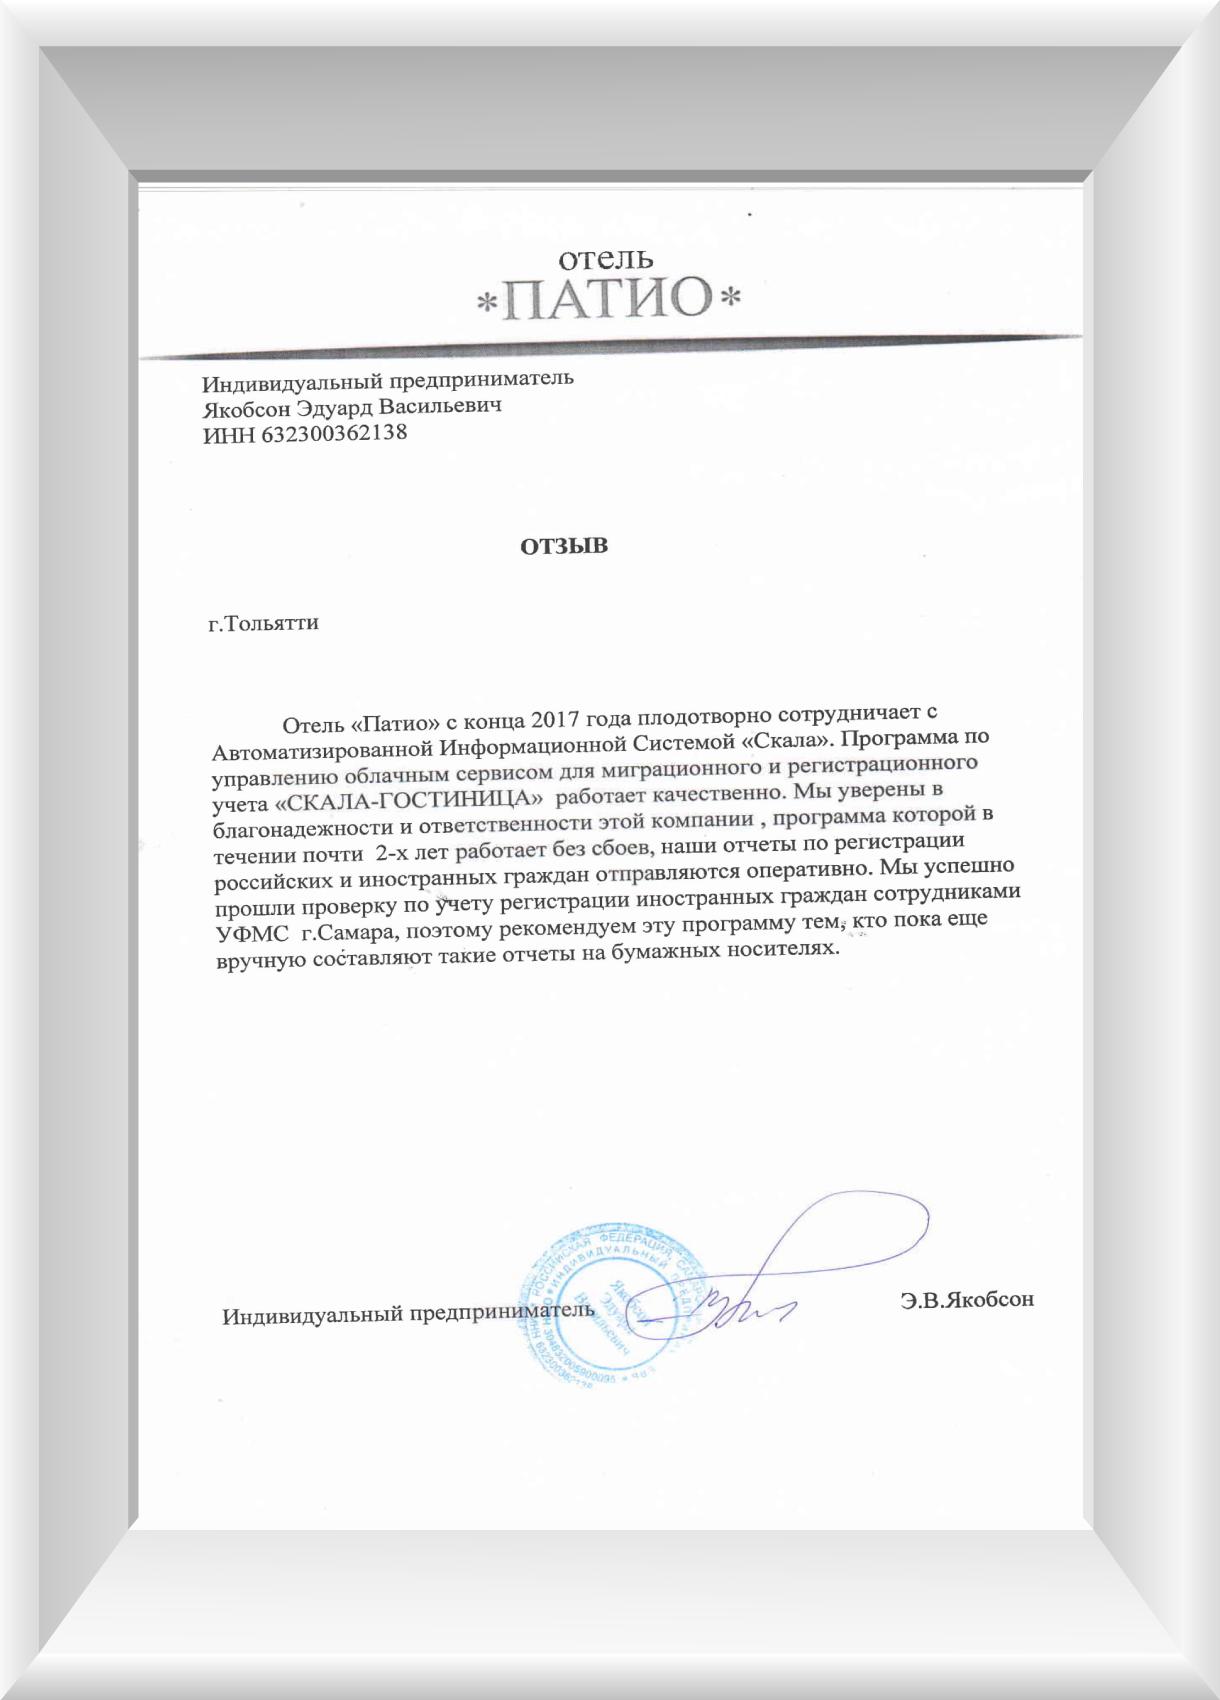 Отзыв о СКАЛА-ЕПГУ Отель ПАТИО